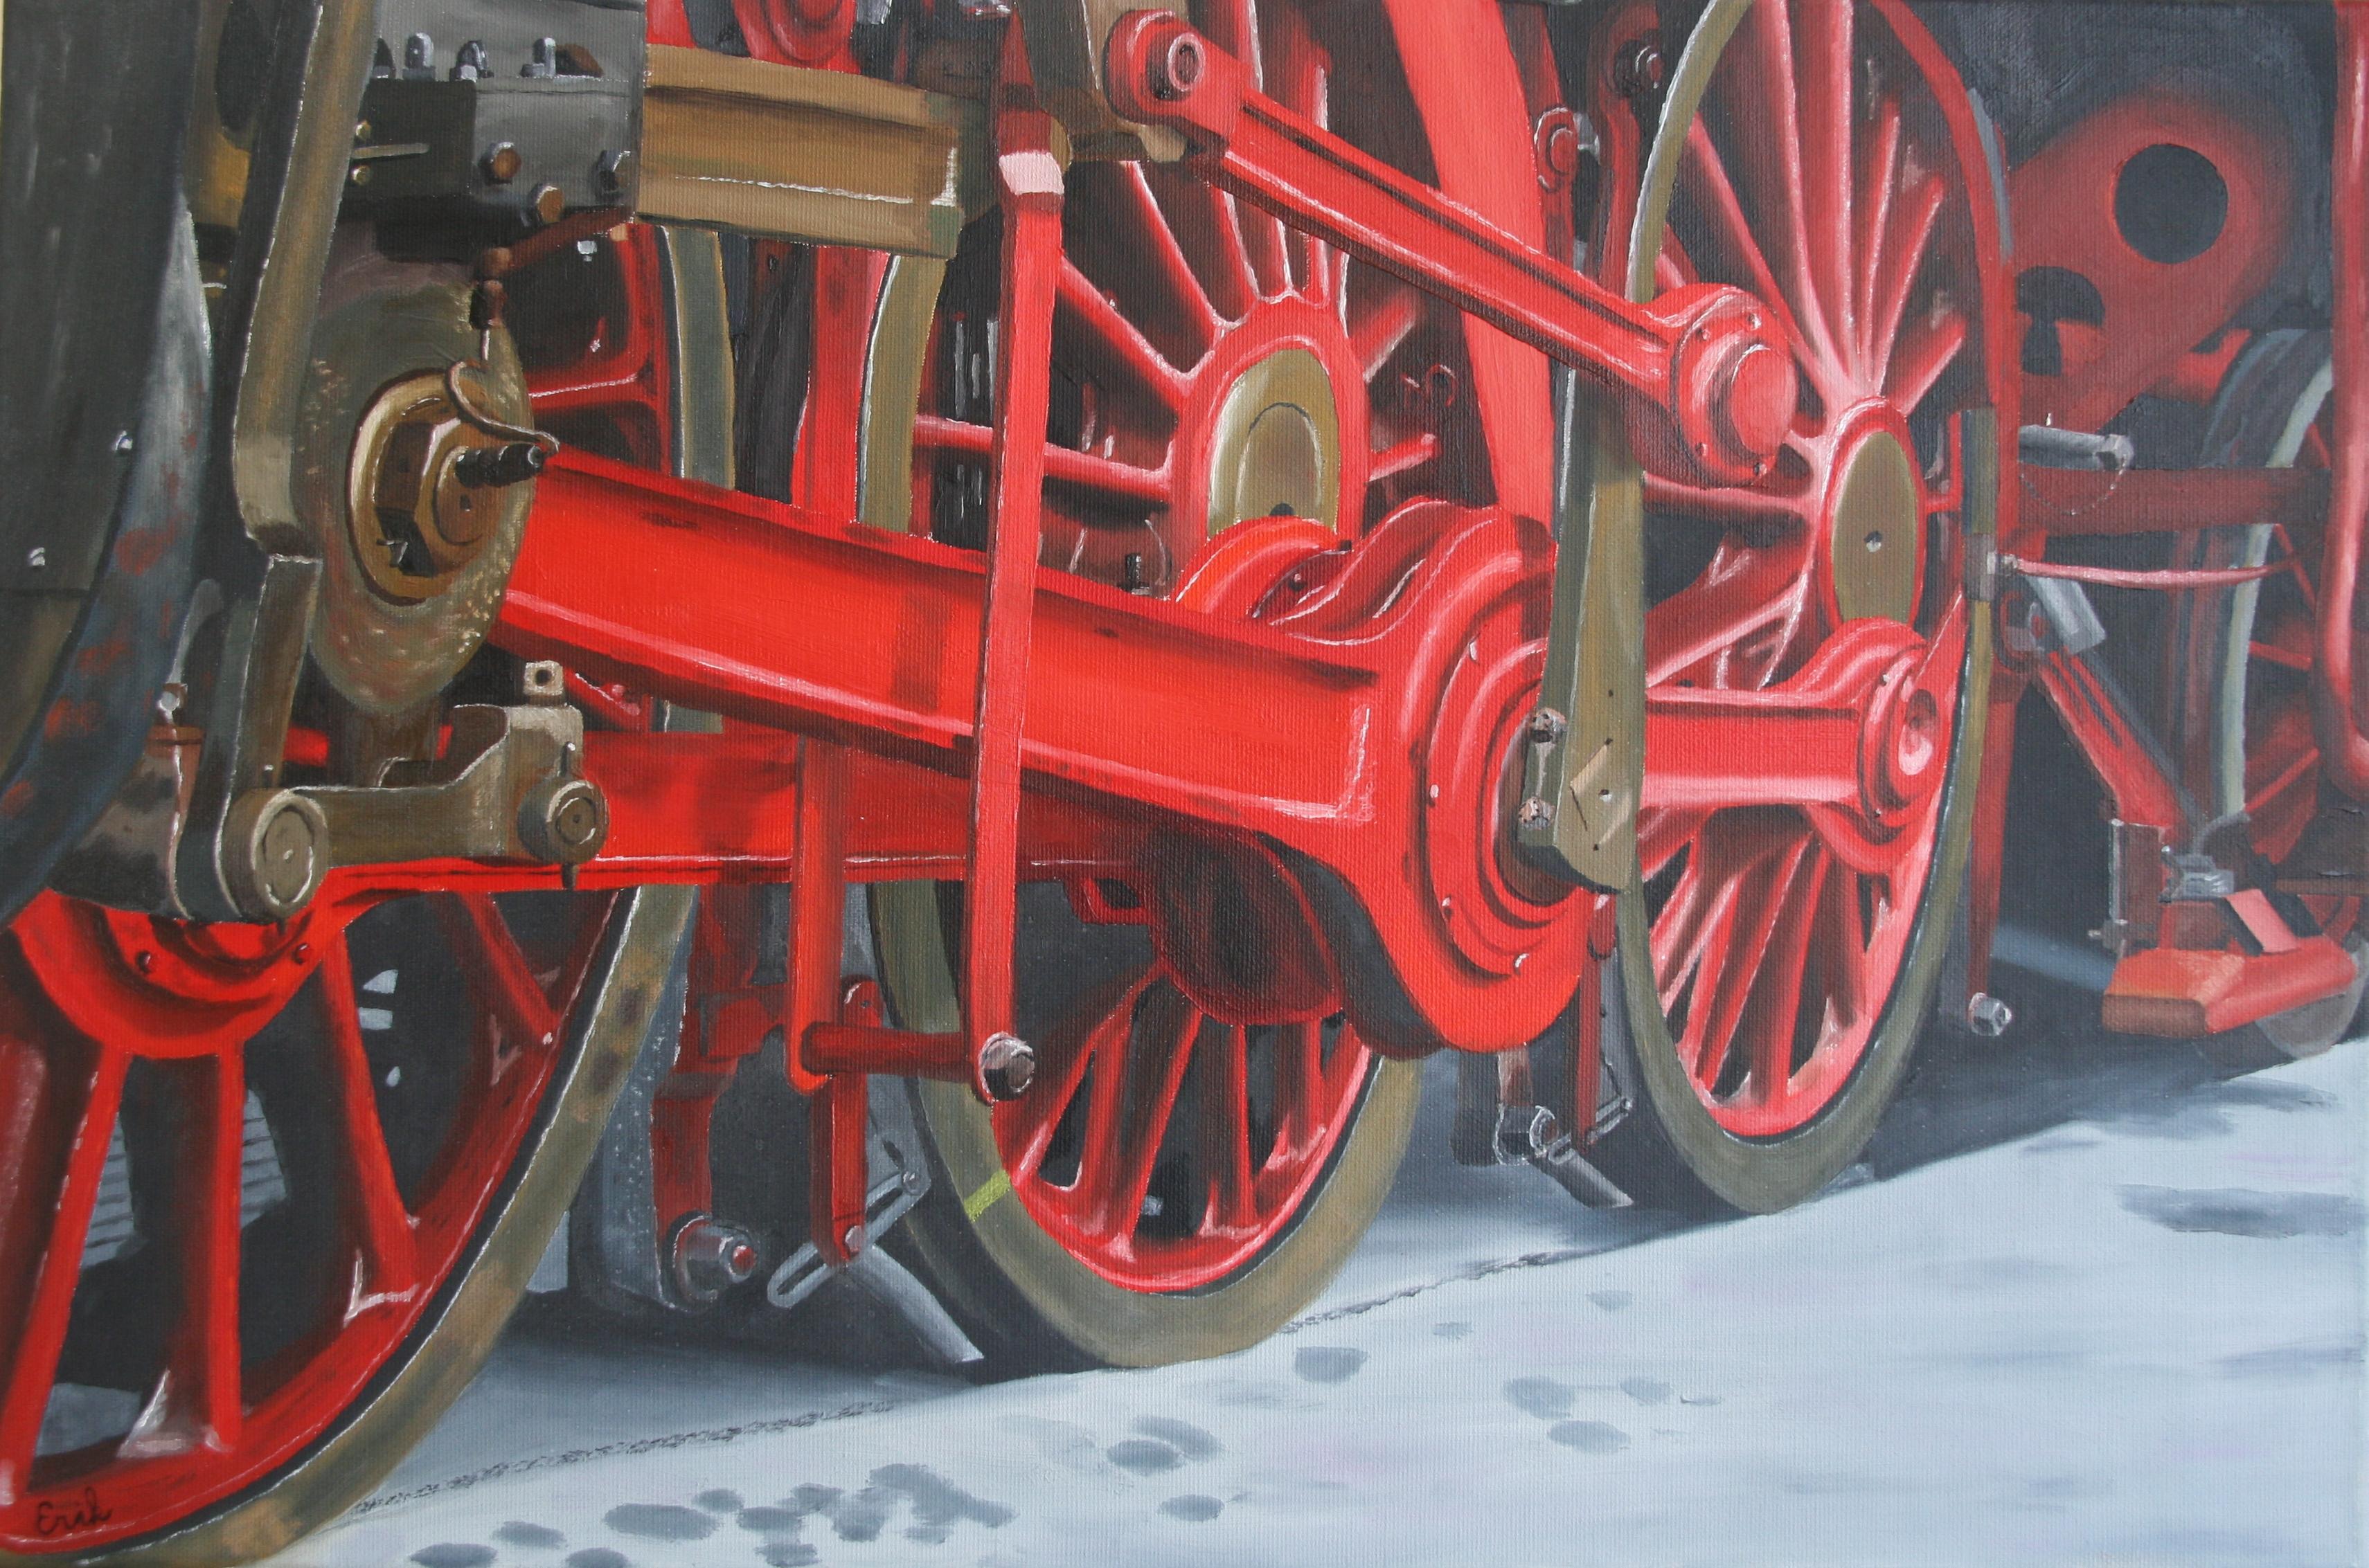 Locomotiefwielen